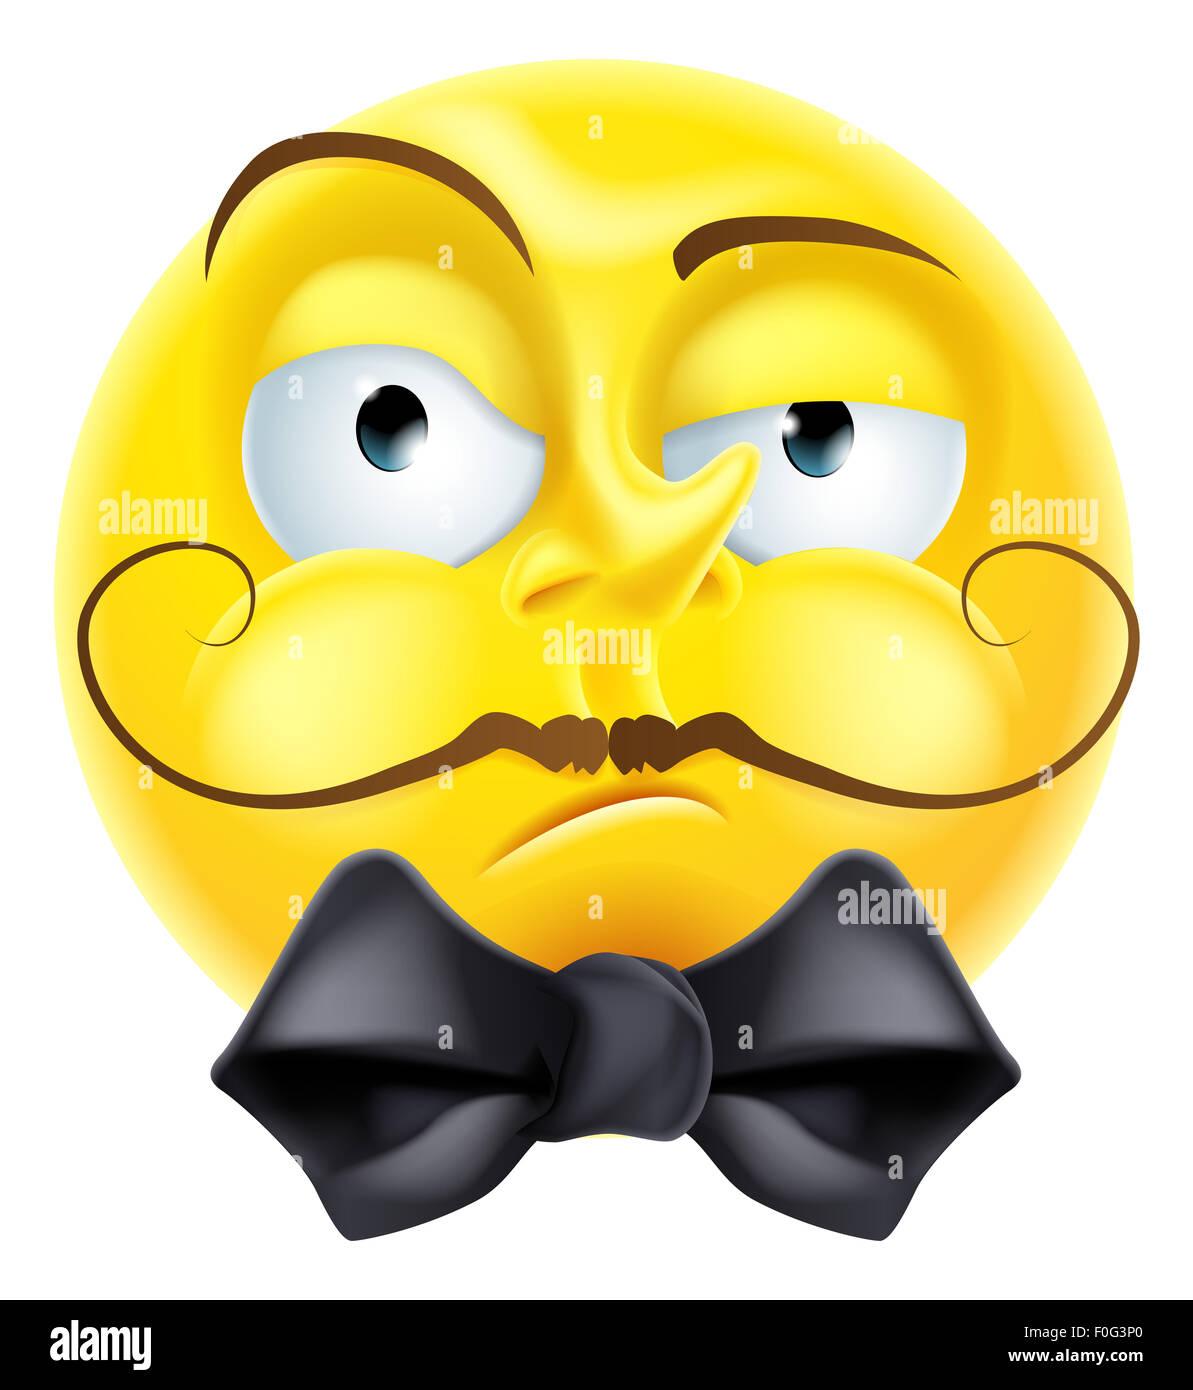 A Snooty Arrogant Condescending Looking Emoji Emoticon Smiley Face